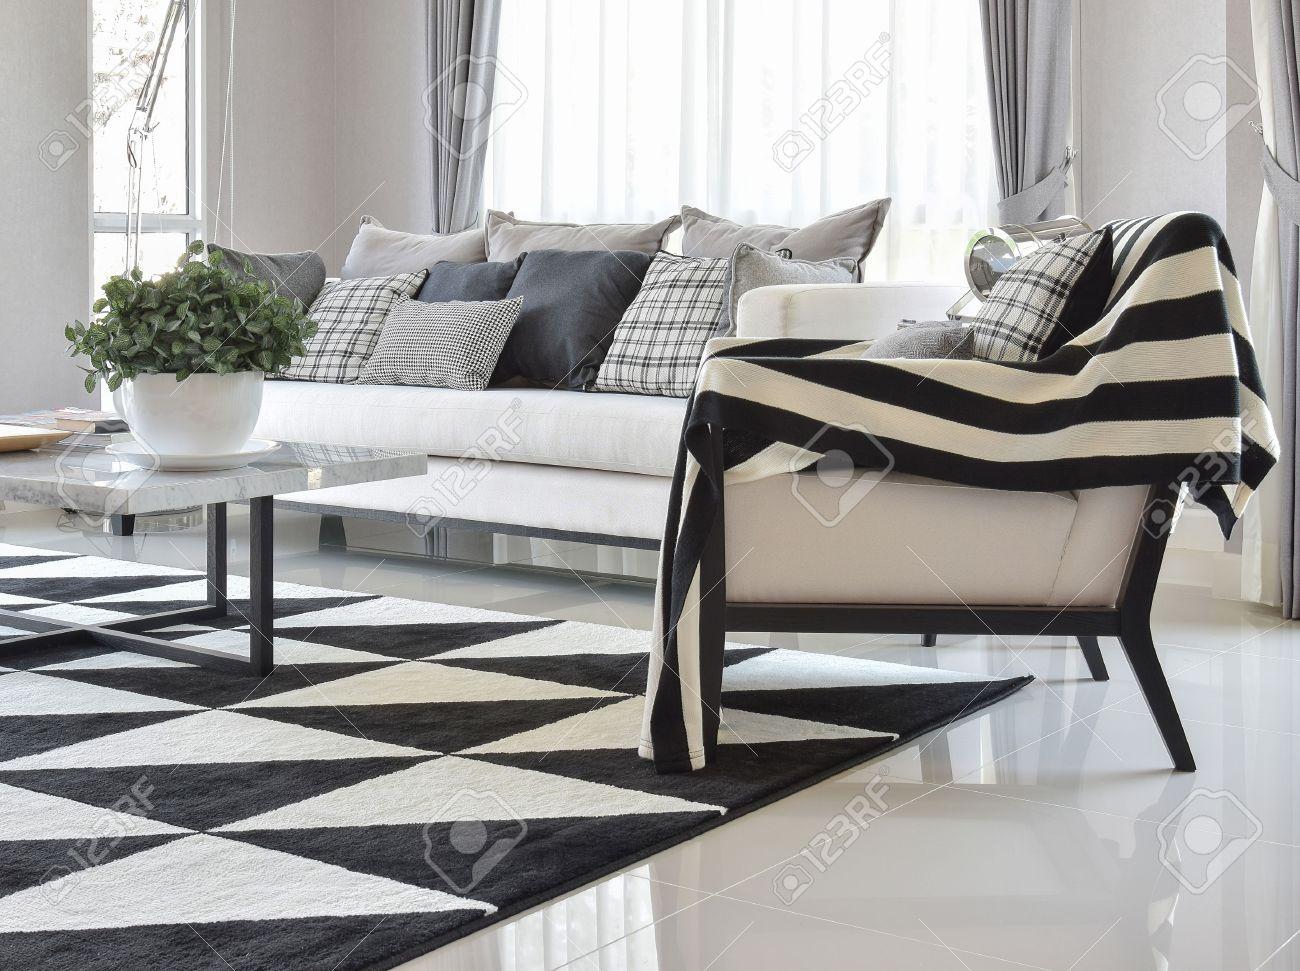 moderne woonkamer interieur met zwart en wit gecontroleerd patroon, Meubels Ideeën